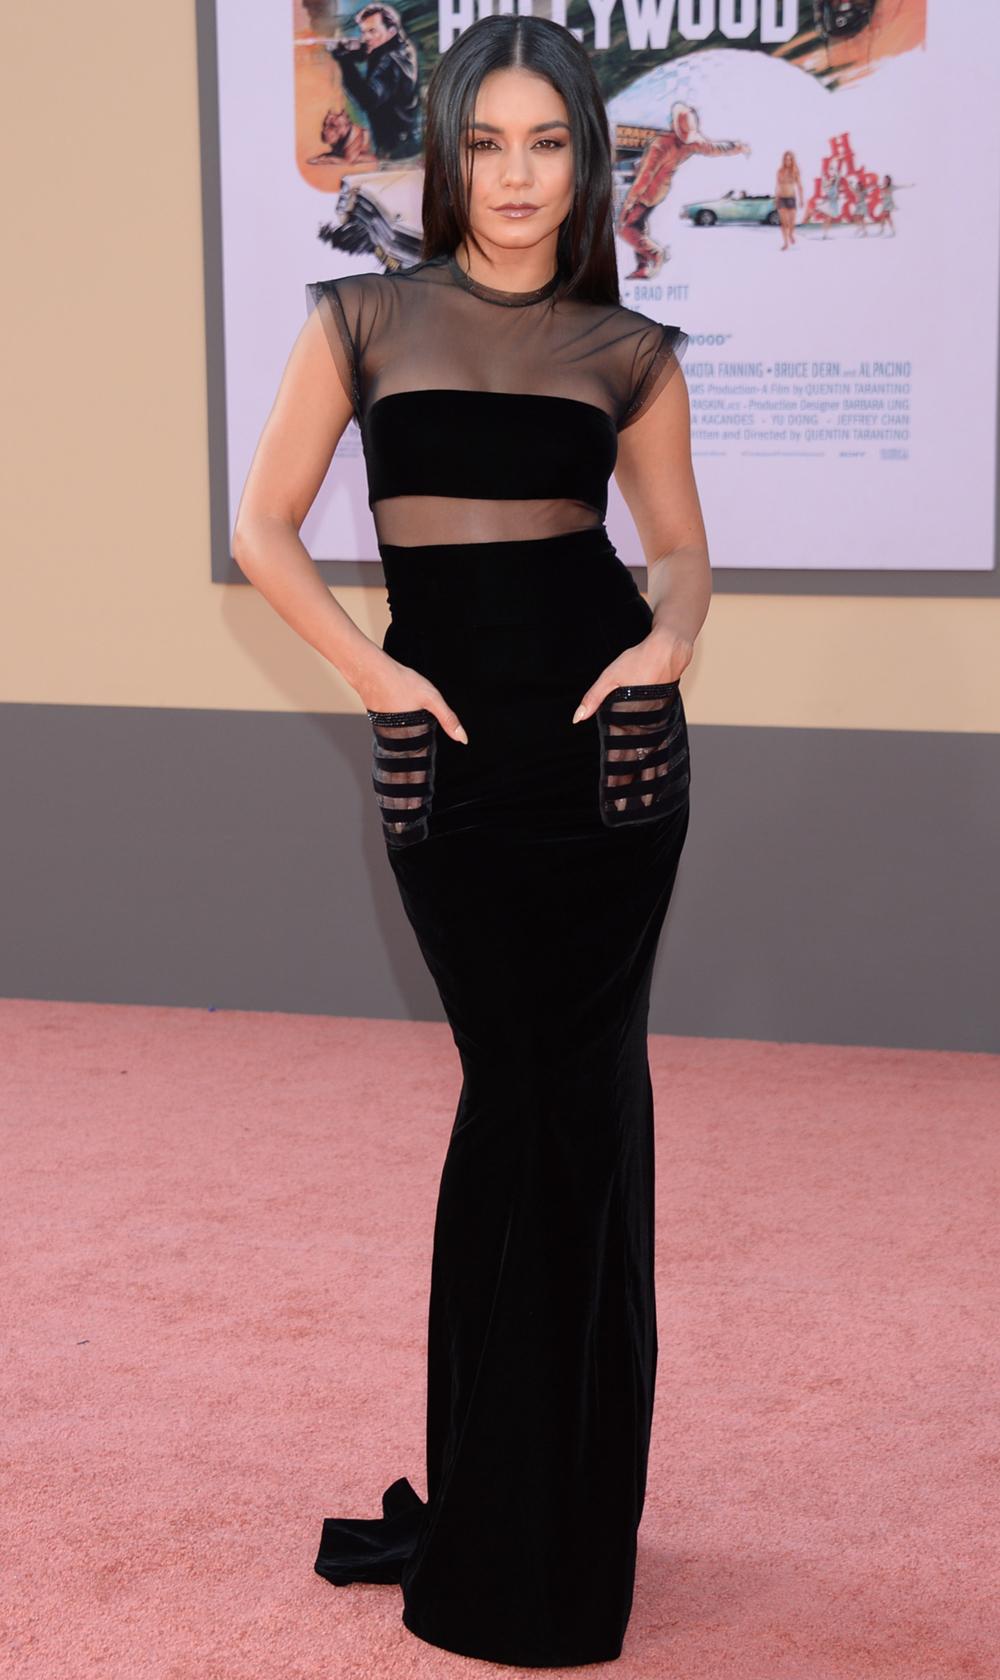 فانيسا هادجنز في فستان سهرة أسود من ارماني